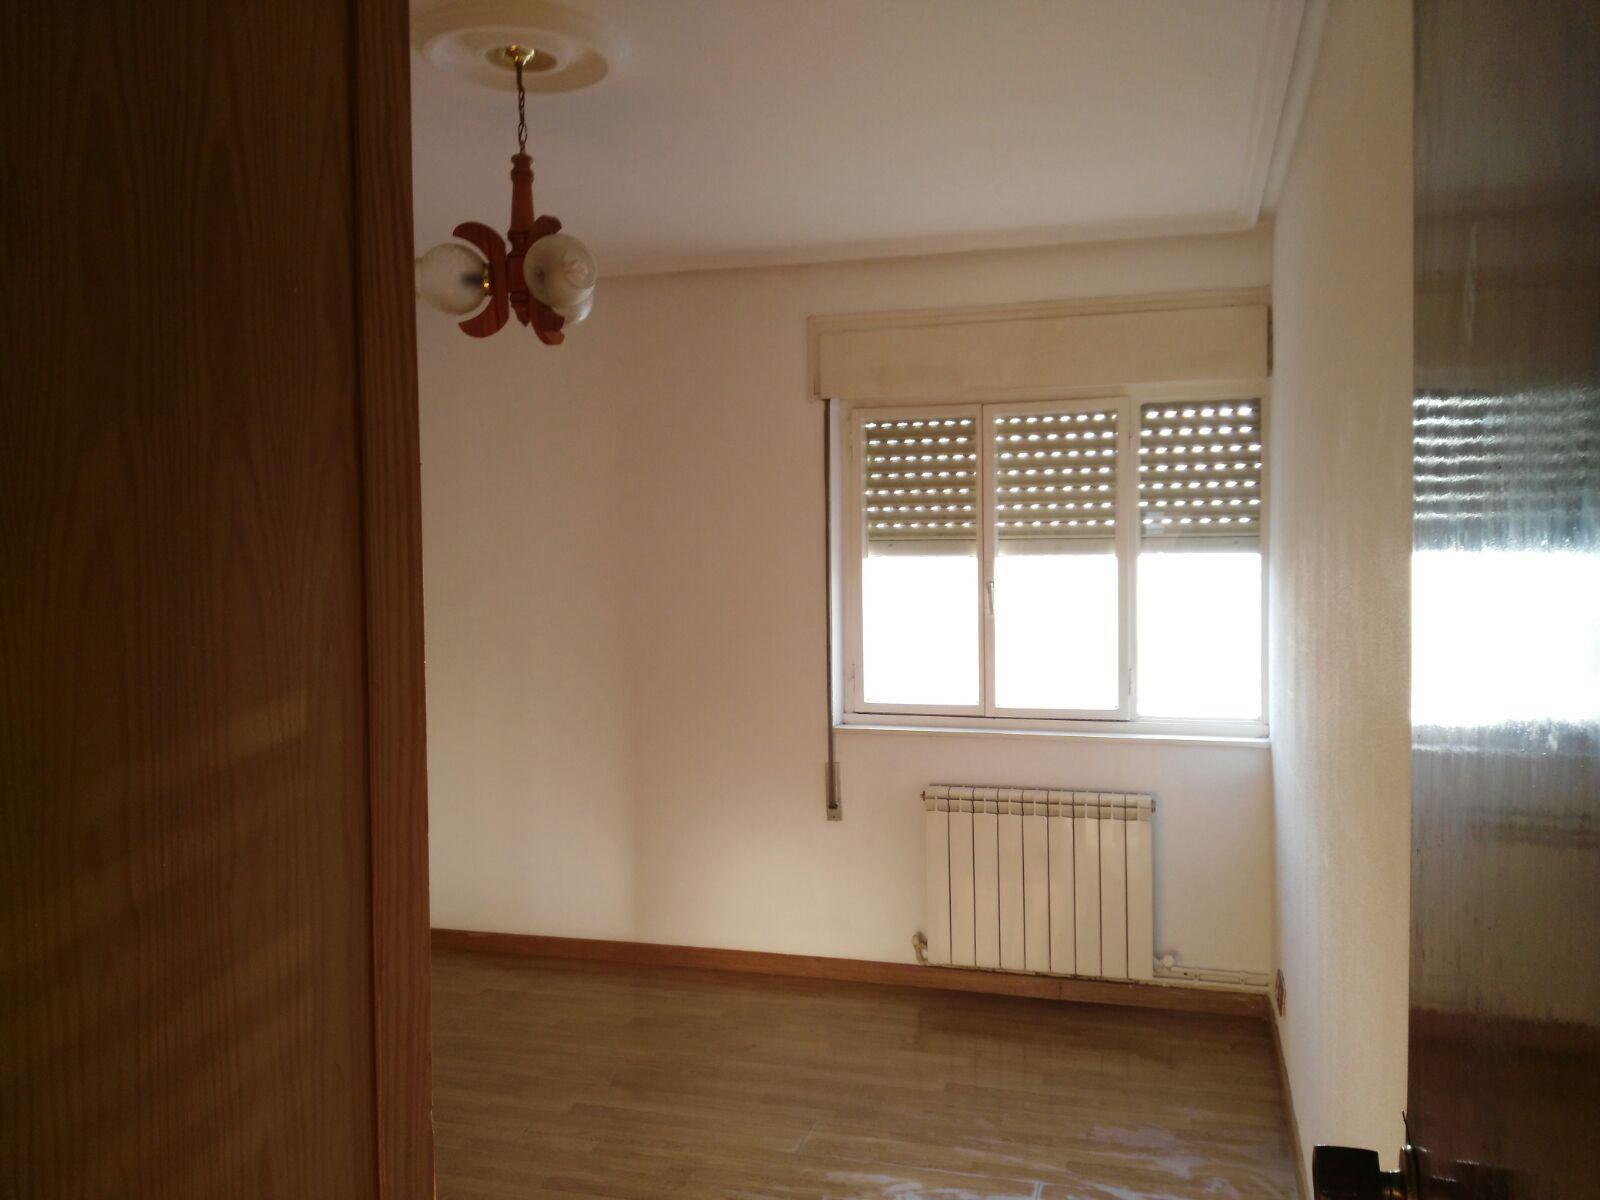 Piso en venta en Lugo de Llanera, Llanes, Asturias, Calle Agustín González, 41.000 €, 3 habitaciones, 1 baño, 88 m2